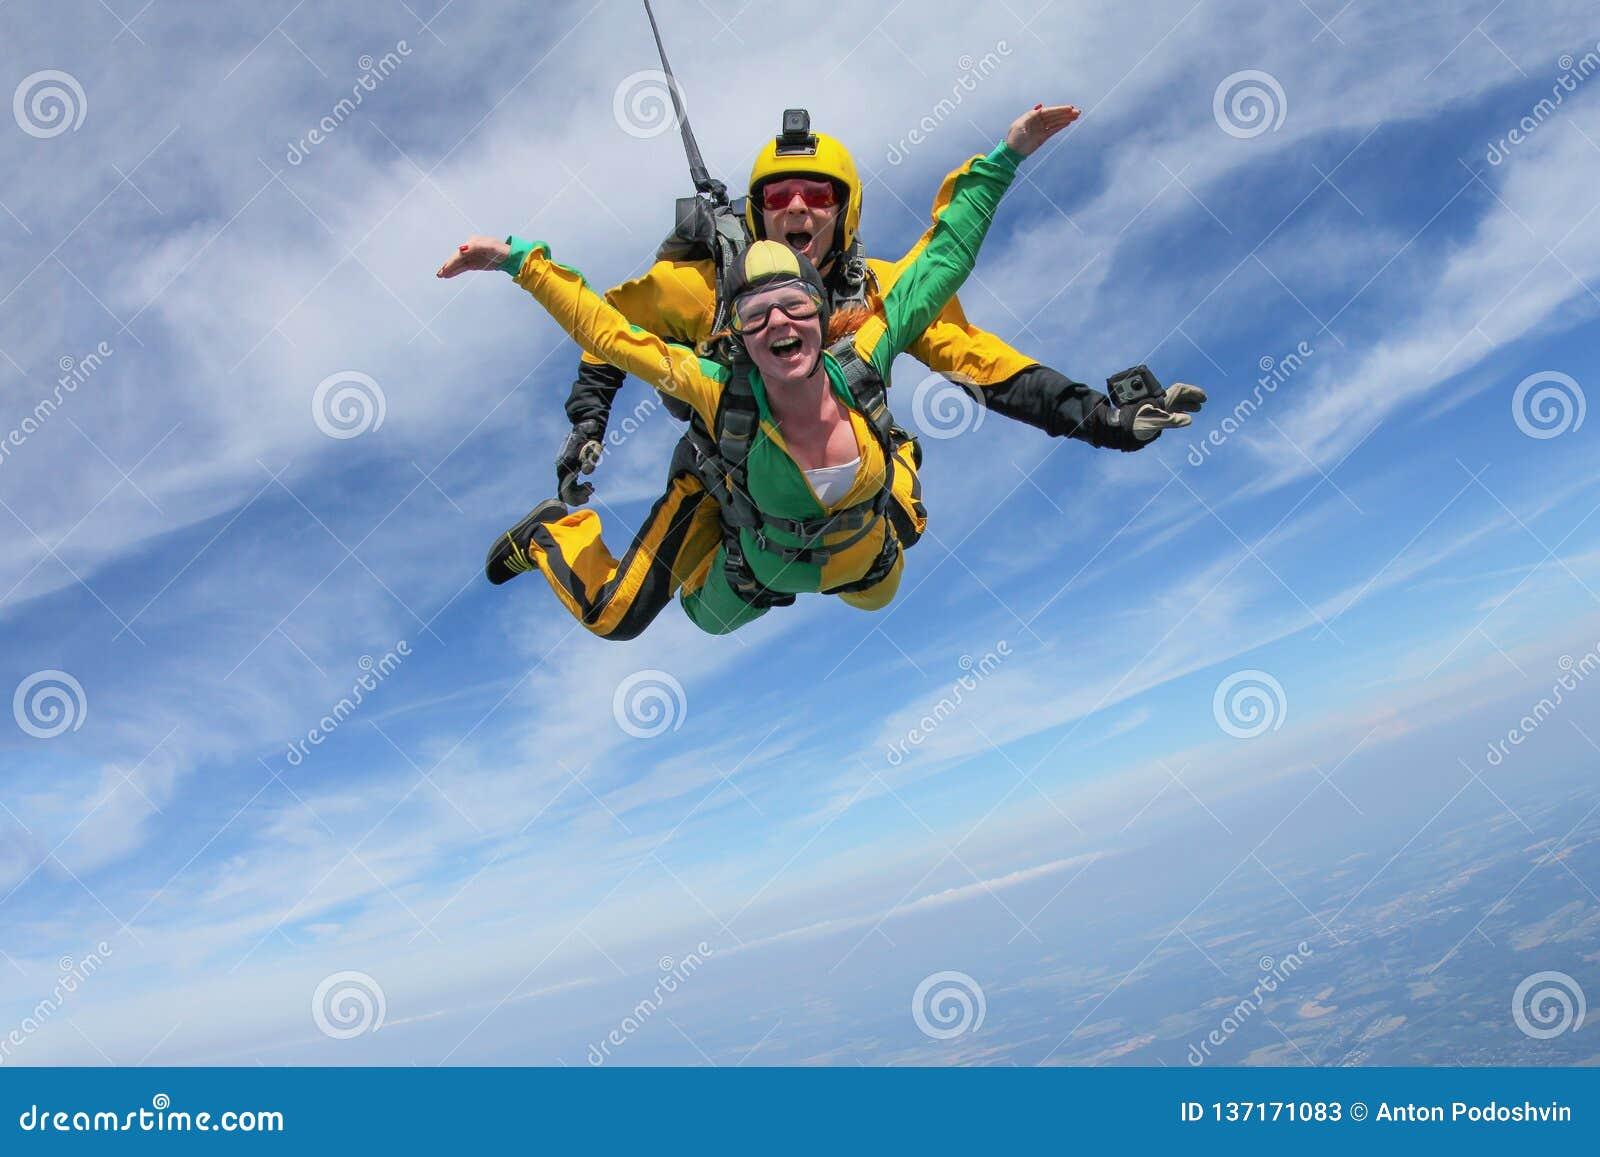 Parachutisme tandem Une fille active vole dans le ciel bleu